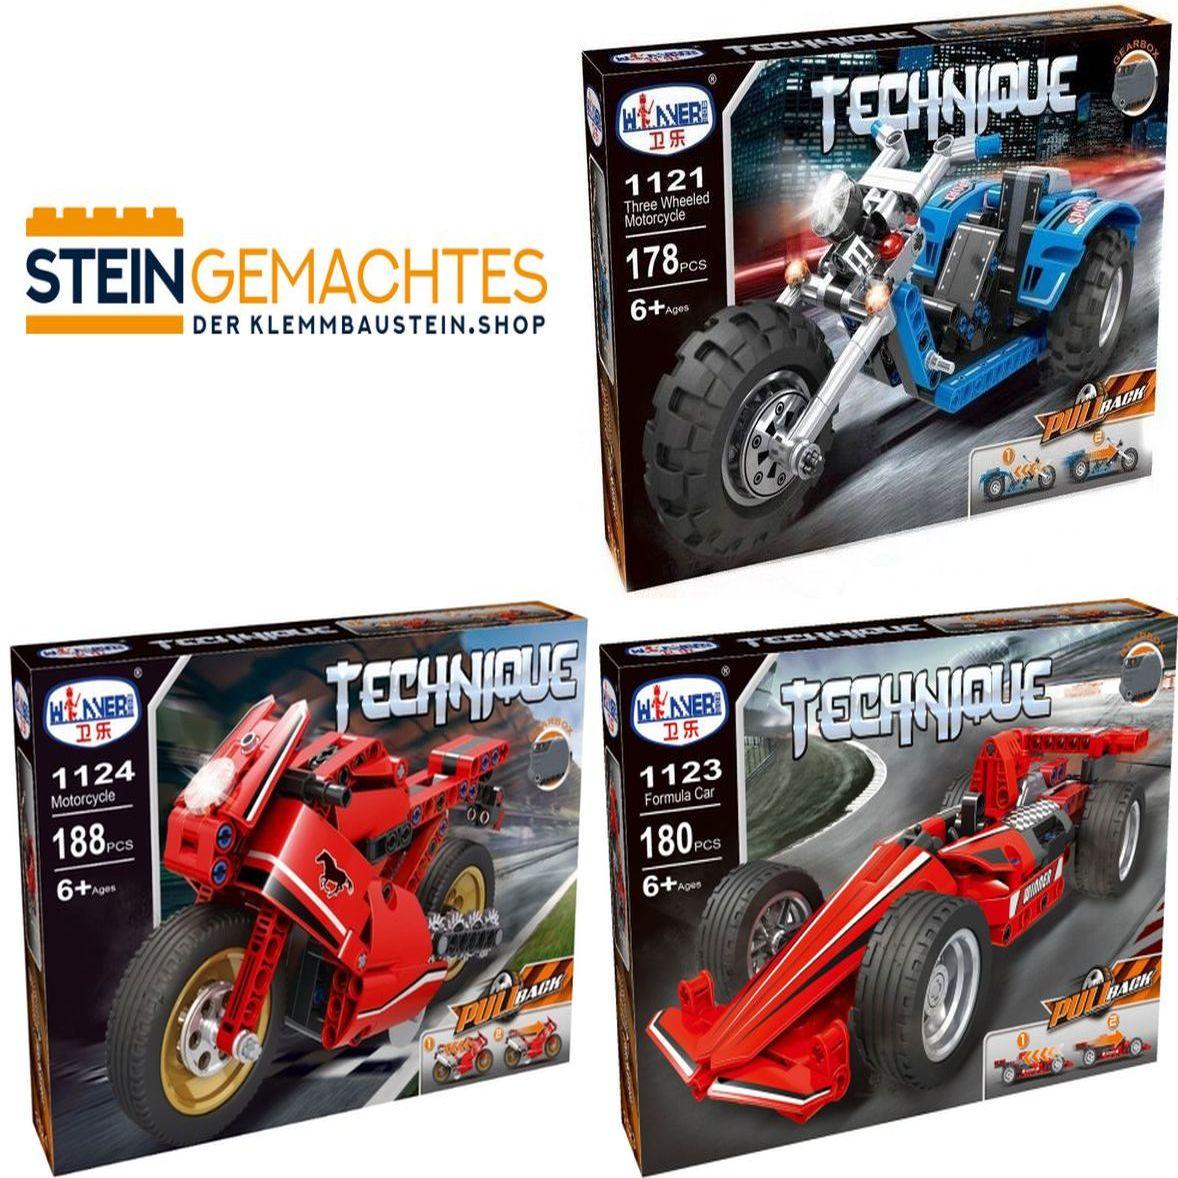 [Klemmbausteine] Winner Technik Bundle (1123+1124+1121) @ steingemachtes.de